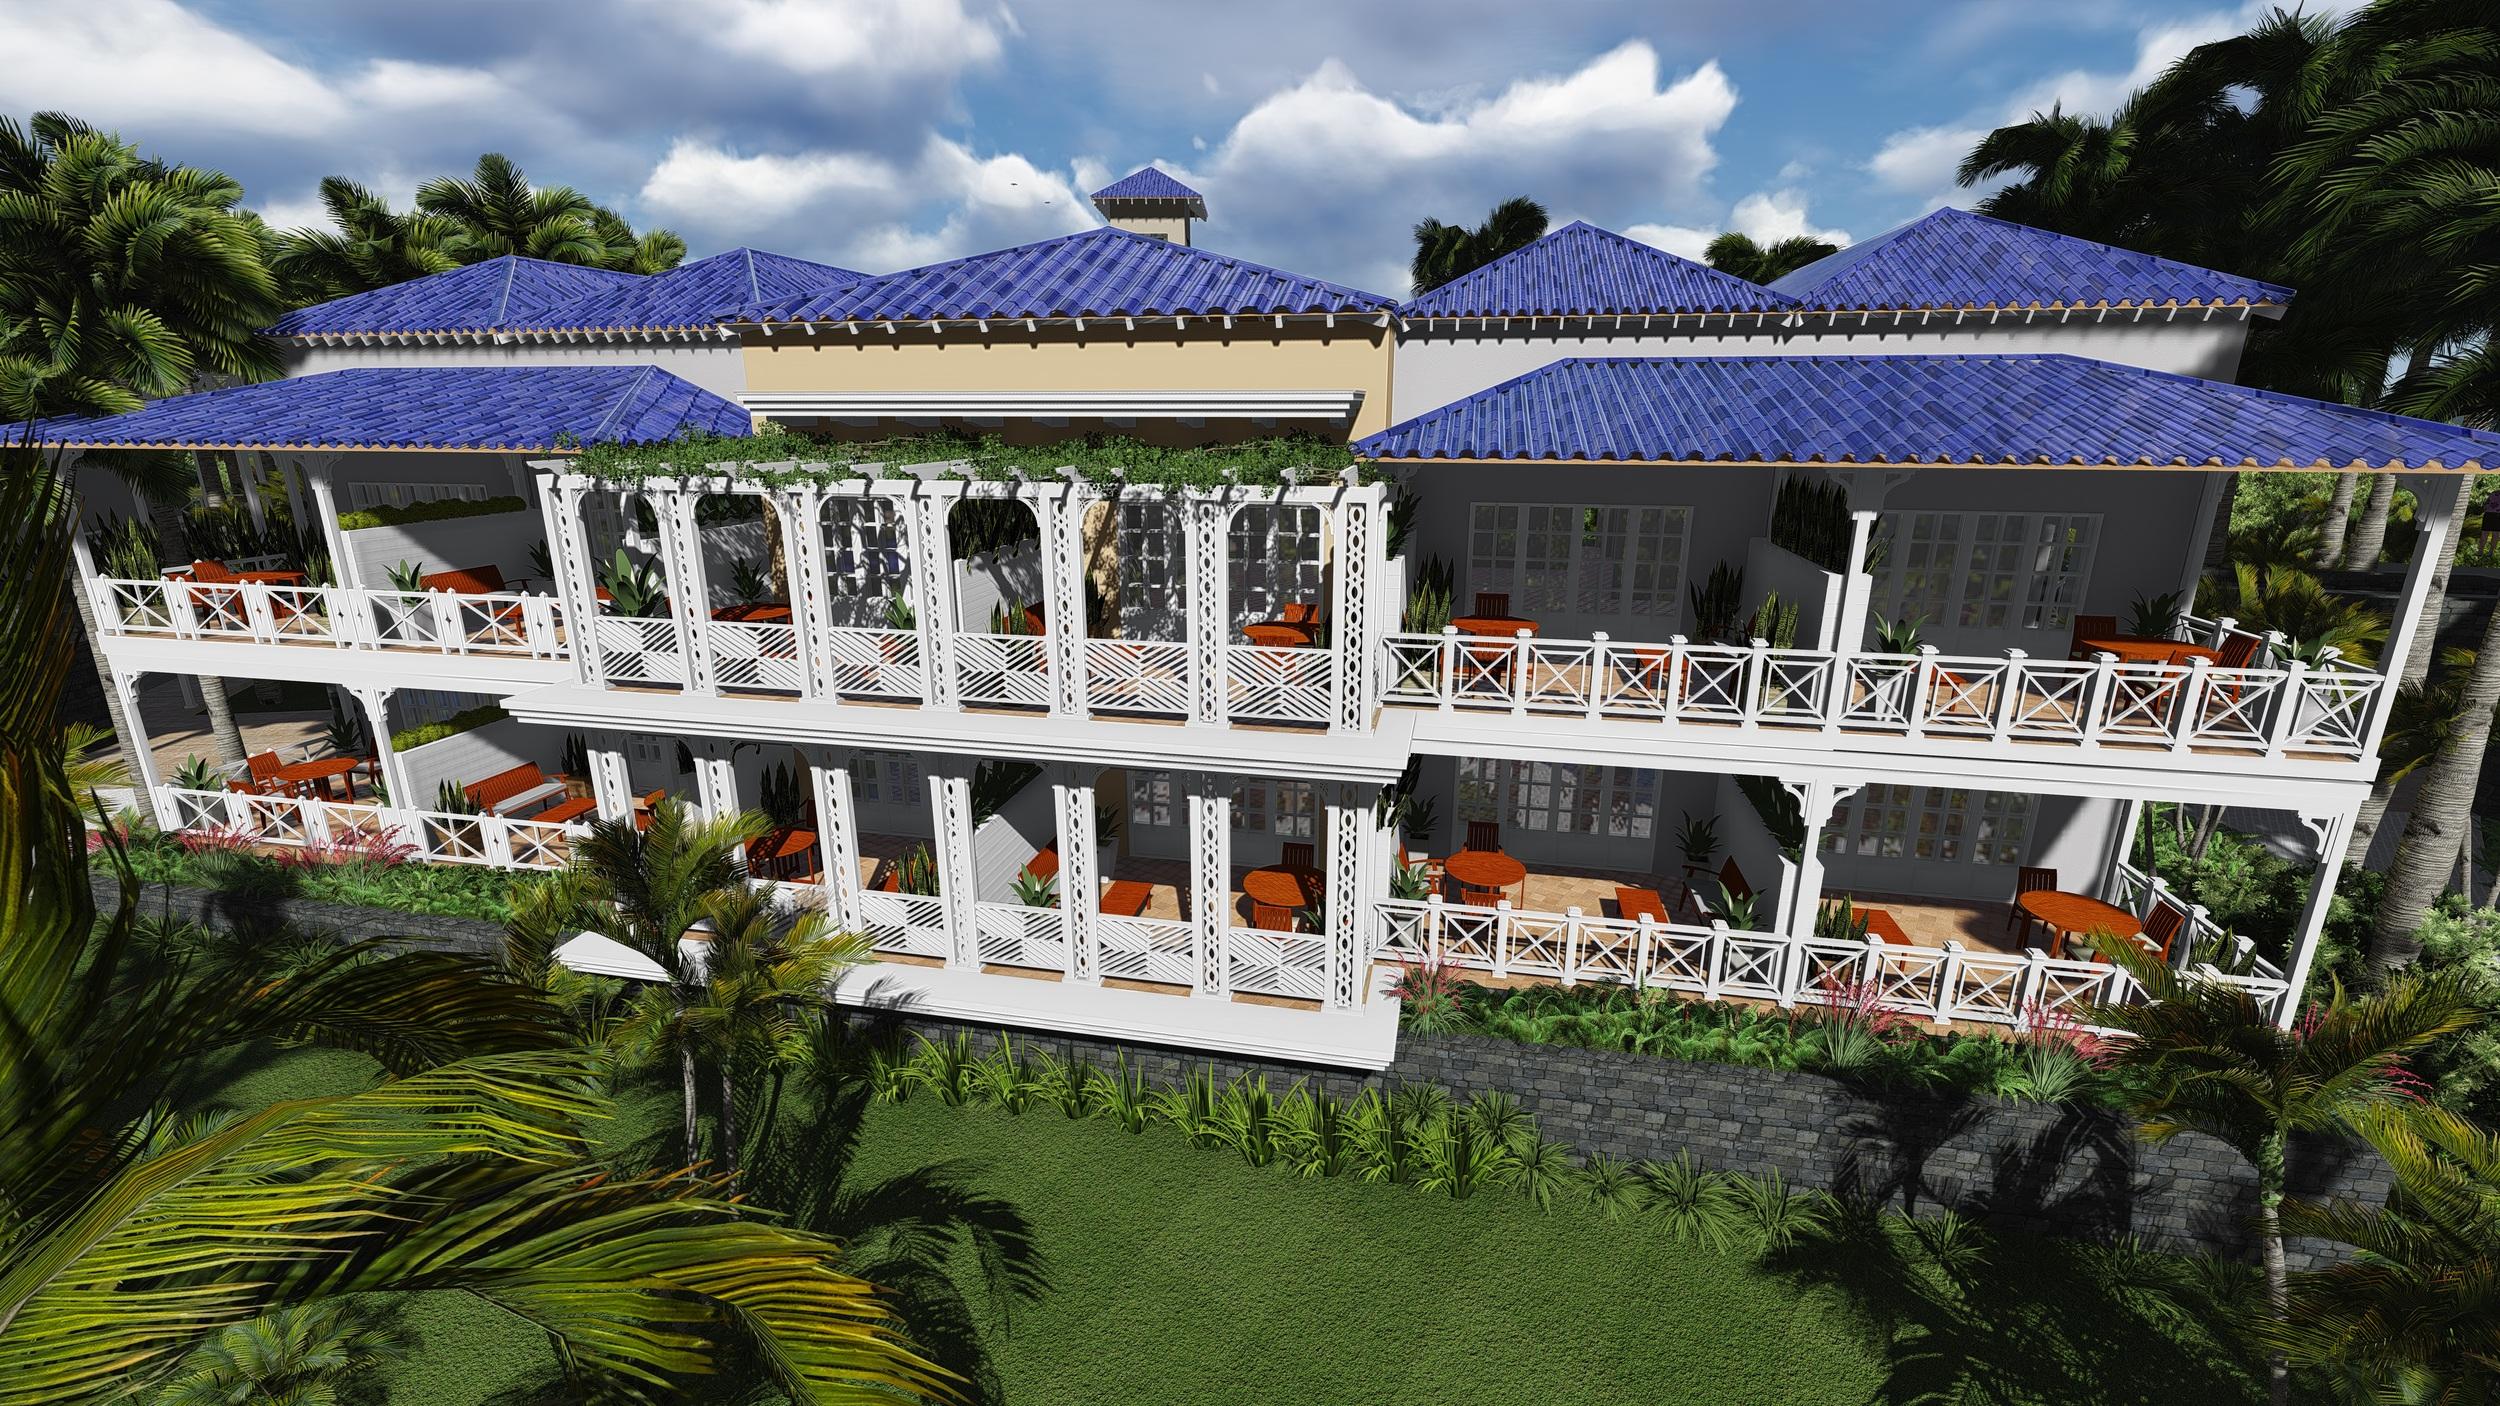 Edificio B - Imagen 2 (alta calidad).jpg